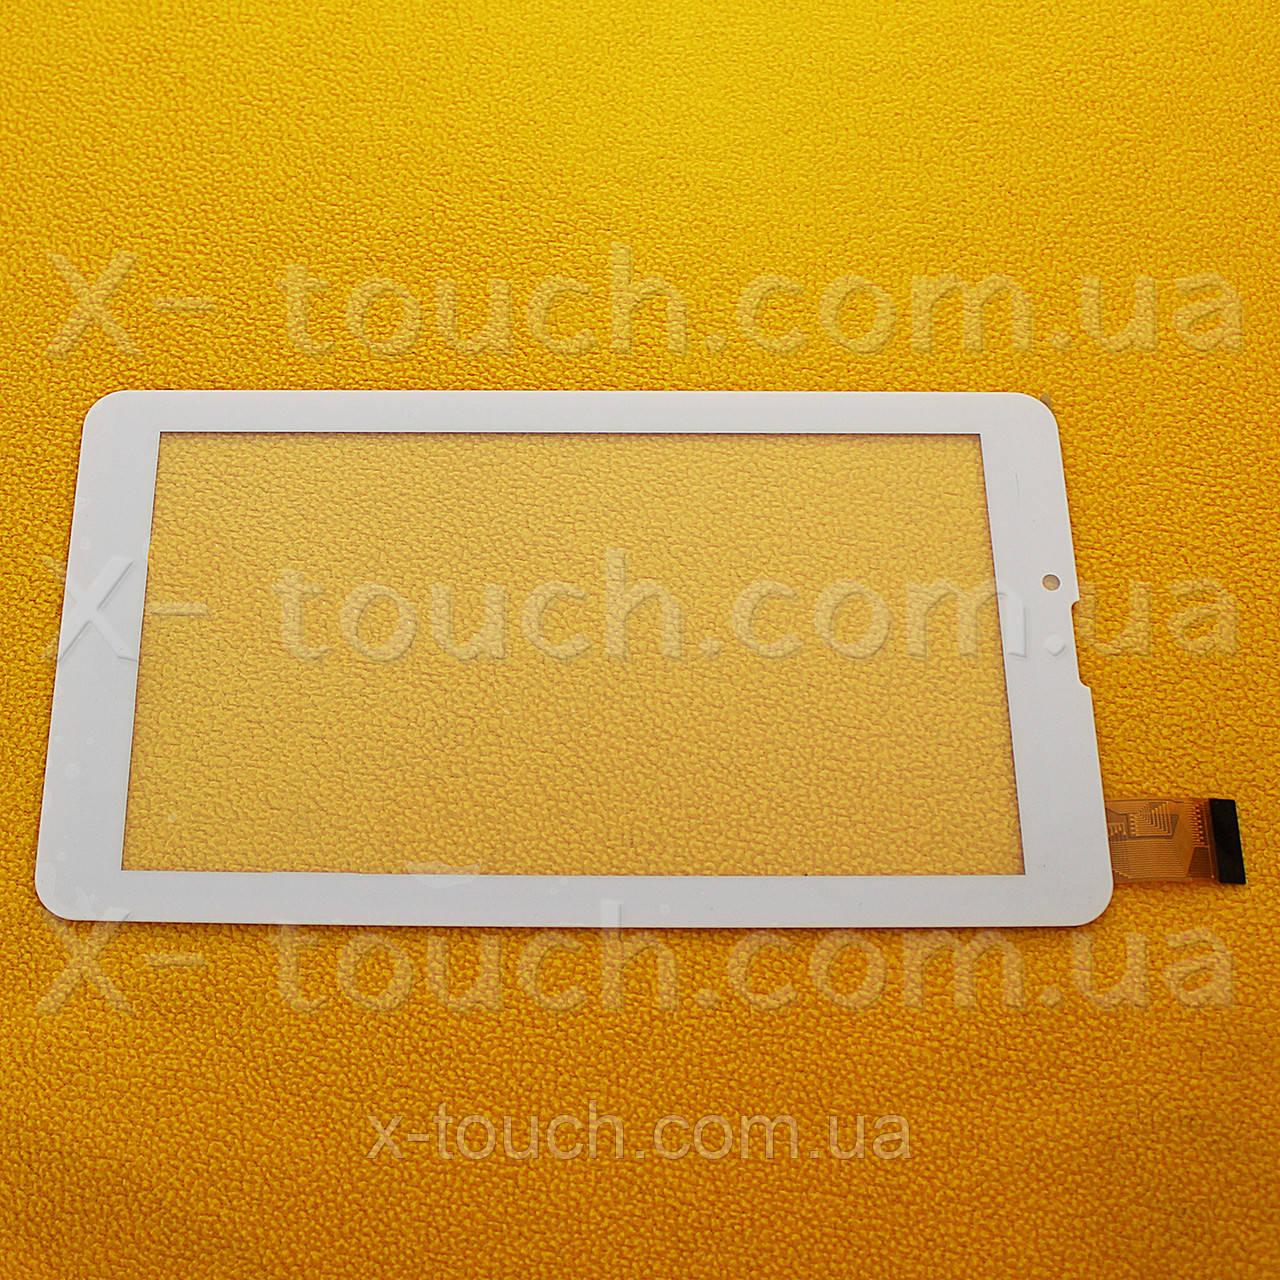 HK70DR2459-V01 cенсор, тачскрин 7,0 дюймов, белый